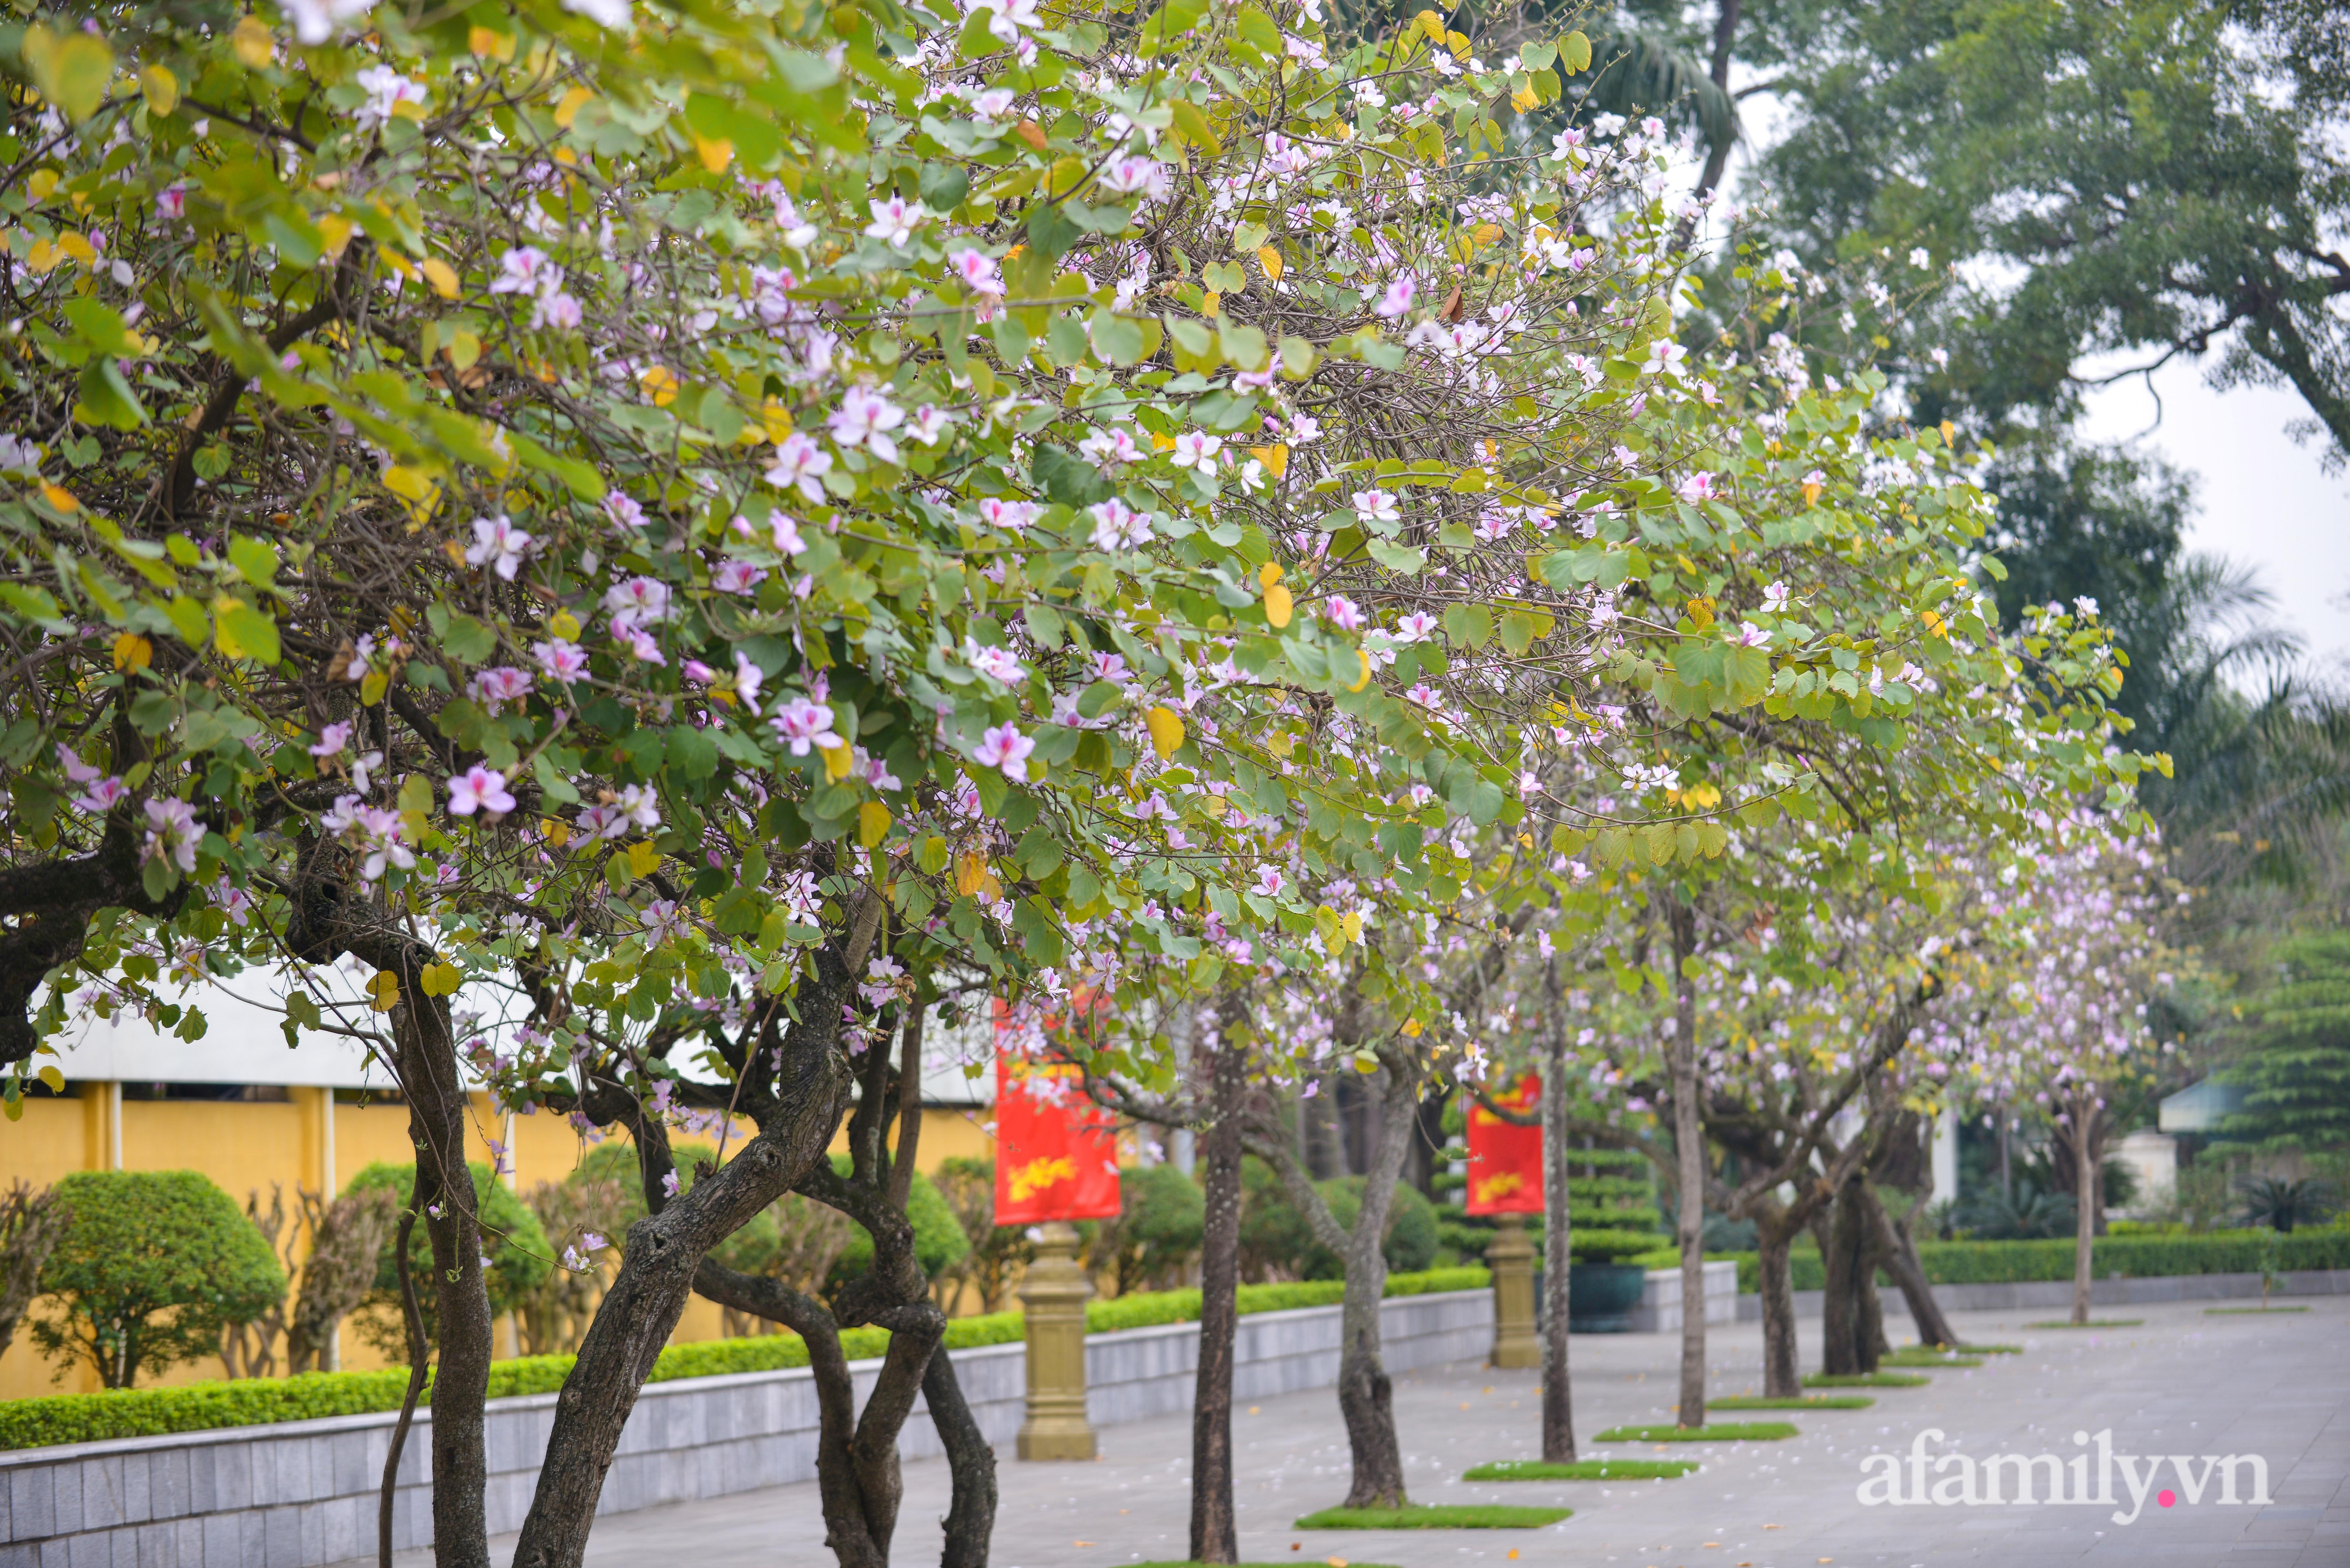 Ảnh: Hoa ban tím bung nở rực rỡ, bừng sáng khắp đường phố Hà Nội - 1